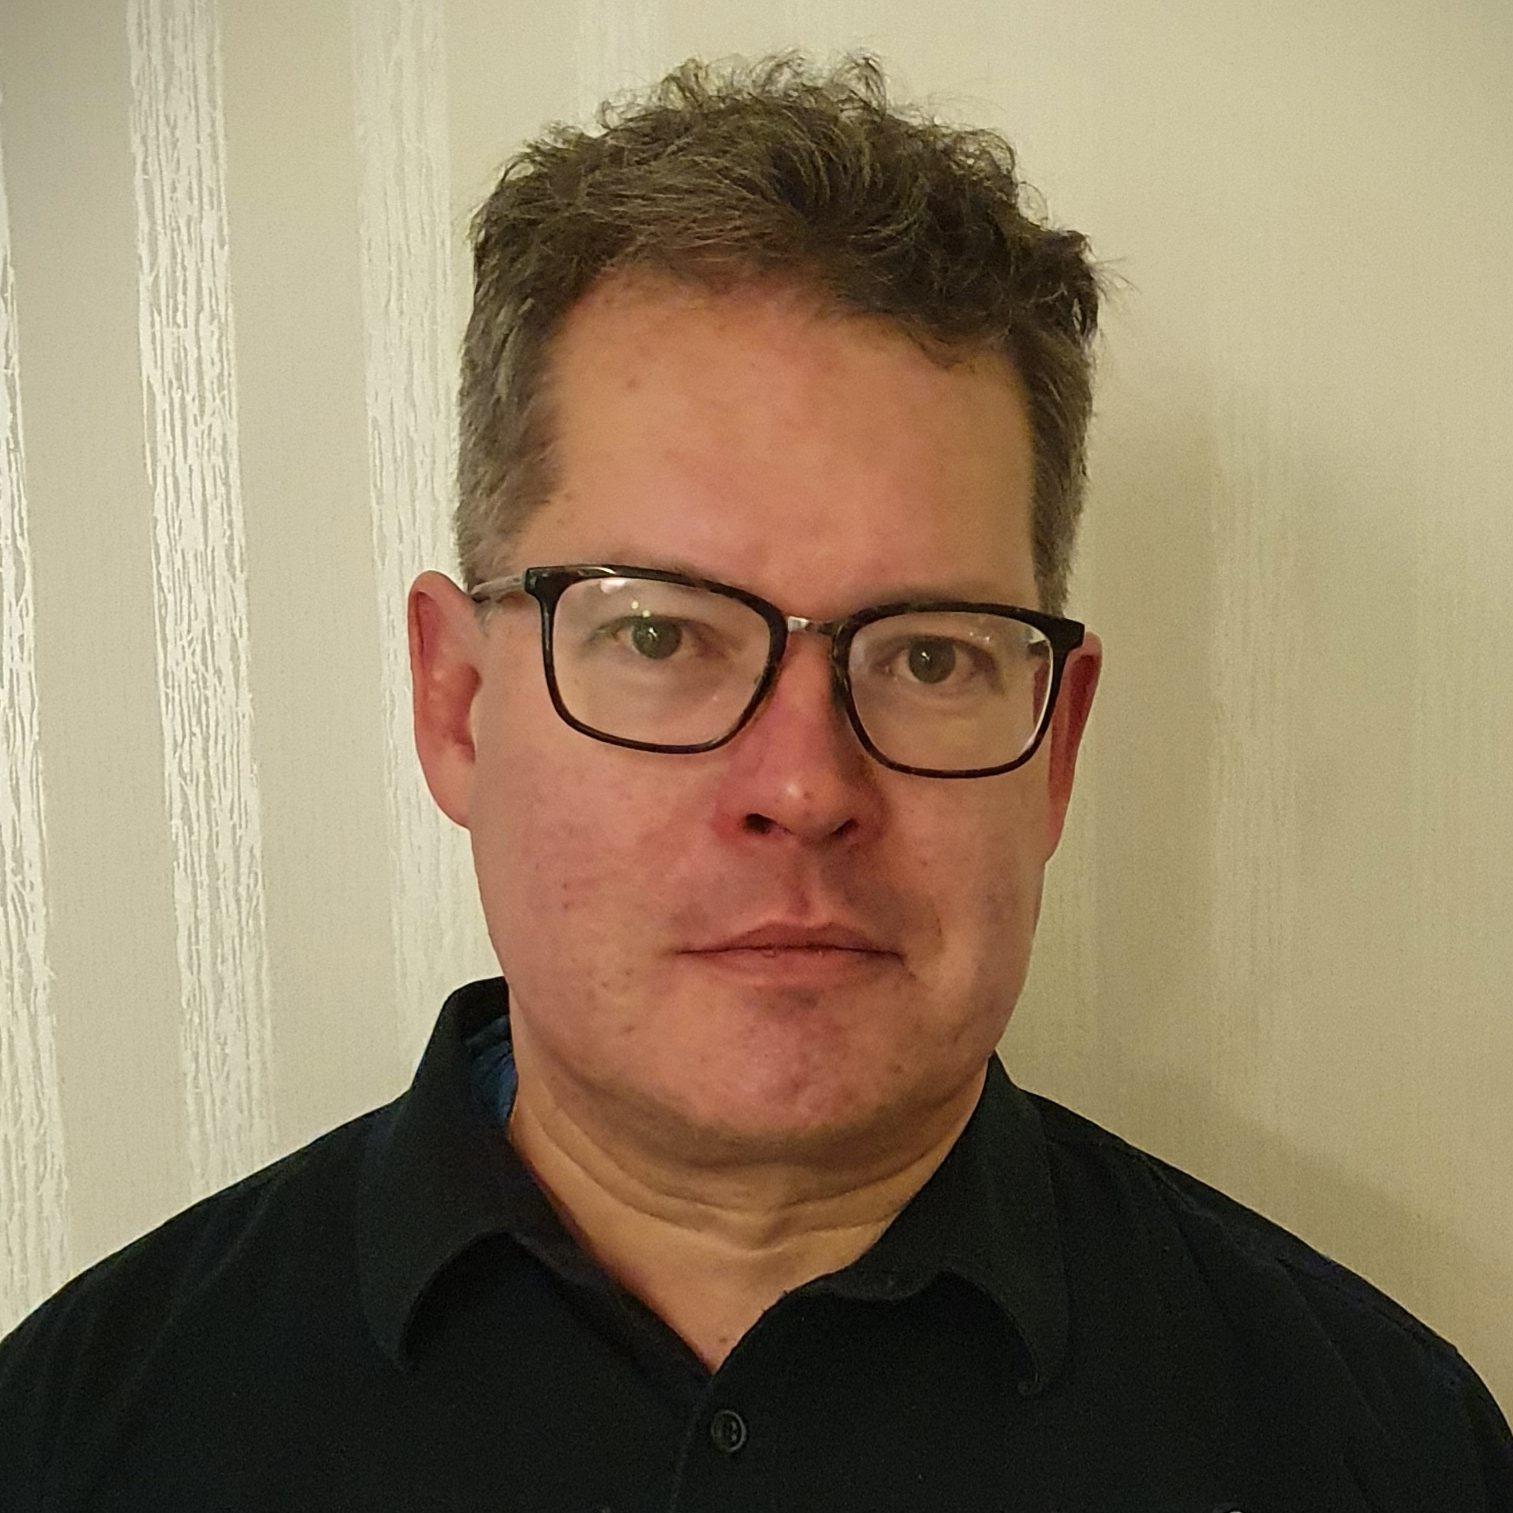 Jarkko Kemppi